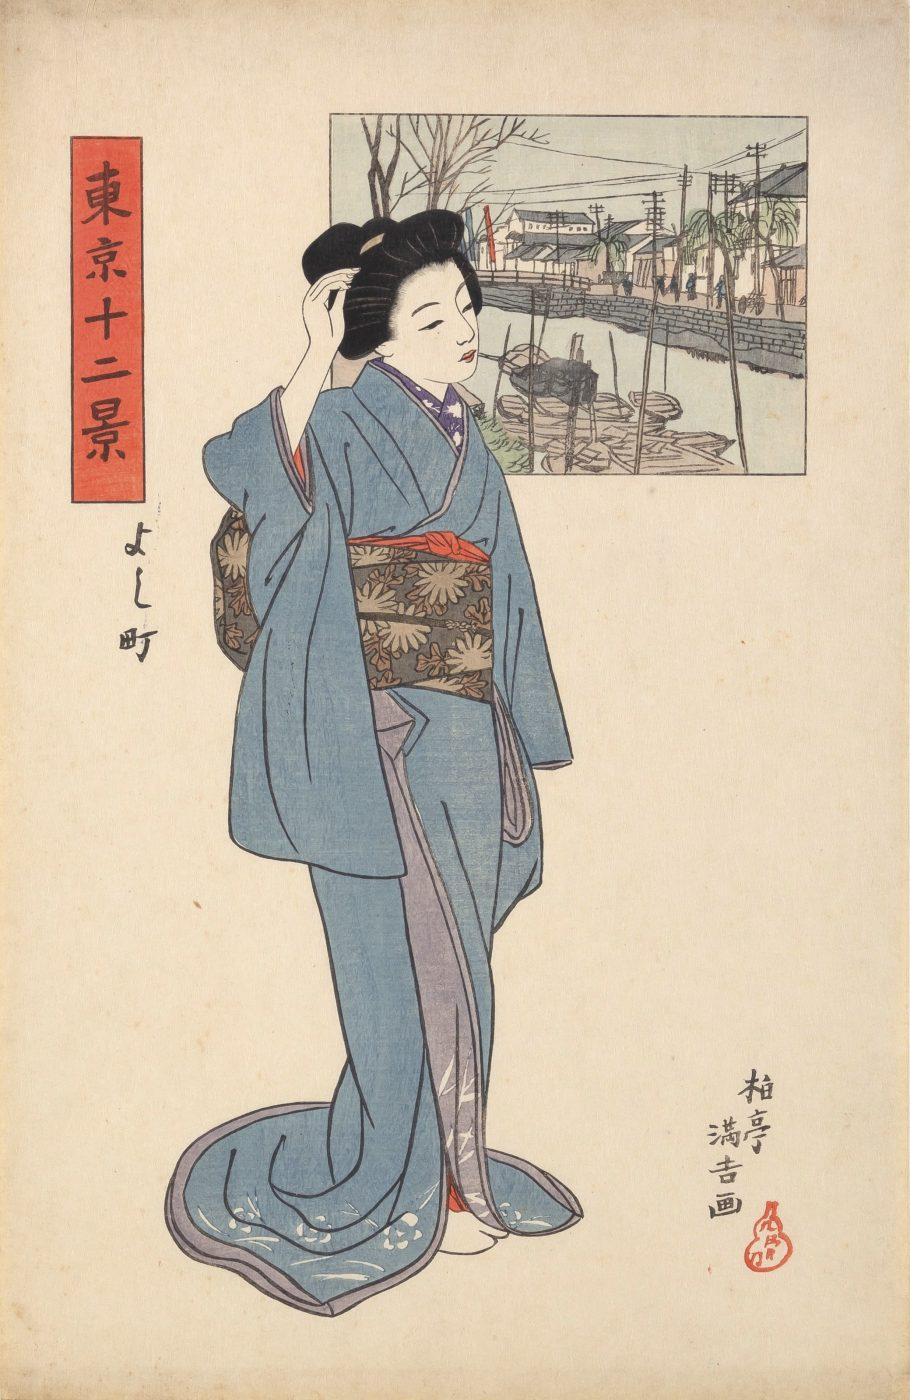 石井柏亭 よし町〈東京十二景〉より 1910年 当館蔵